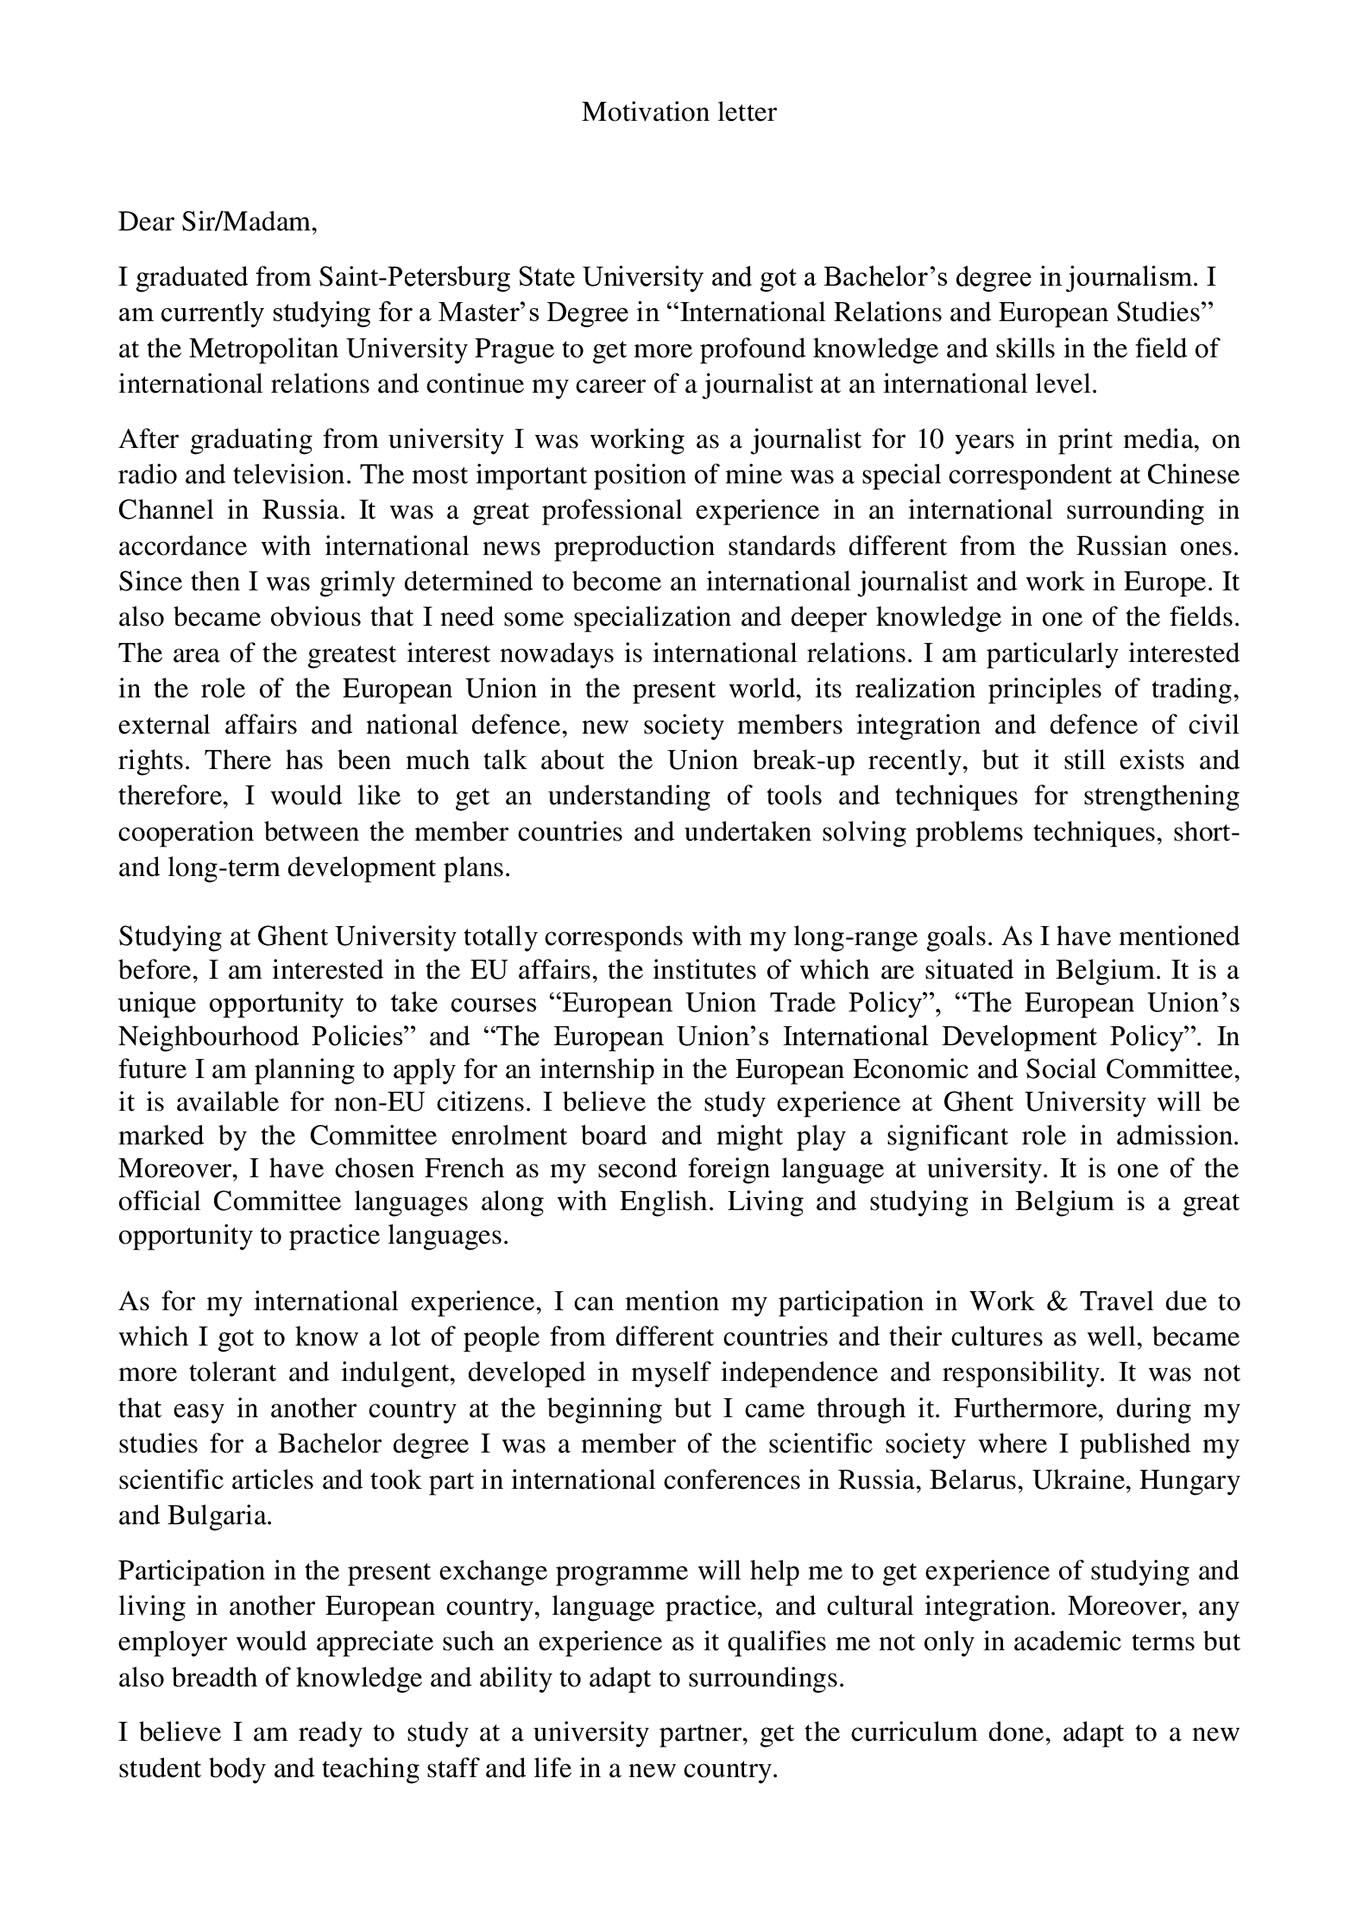 Мое мотивационное письмо. В нем я описала свою работу за 10 лет и рассказала, как мне пригодится учеба в Гентском университете. Еще я написала о том, что участвовала в европейских научных конференциях и программе «Ворк-энд-тревел»